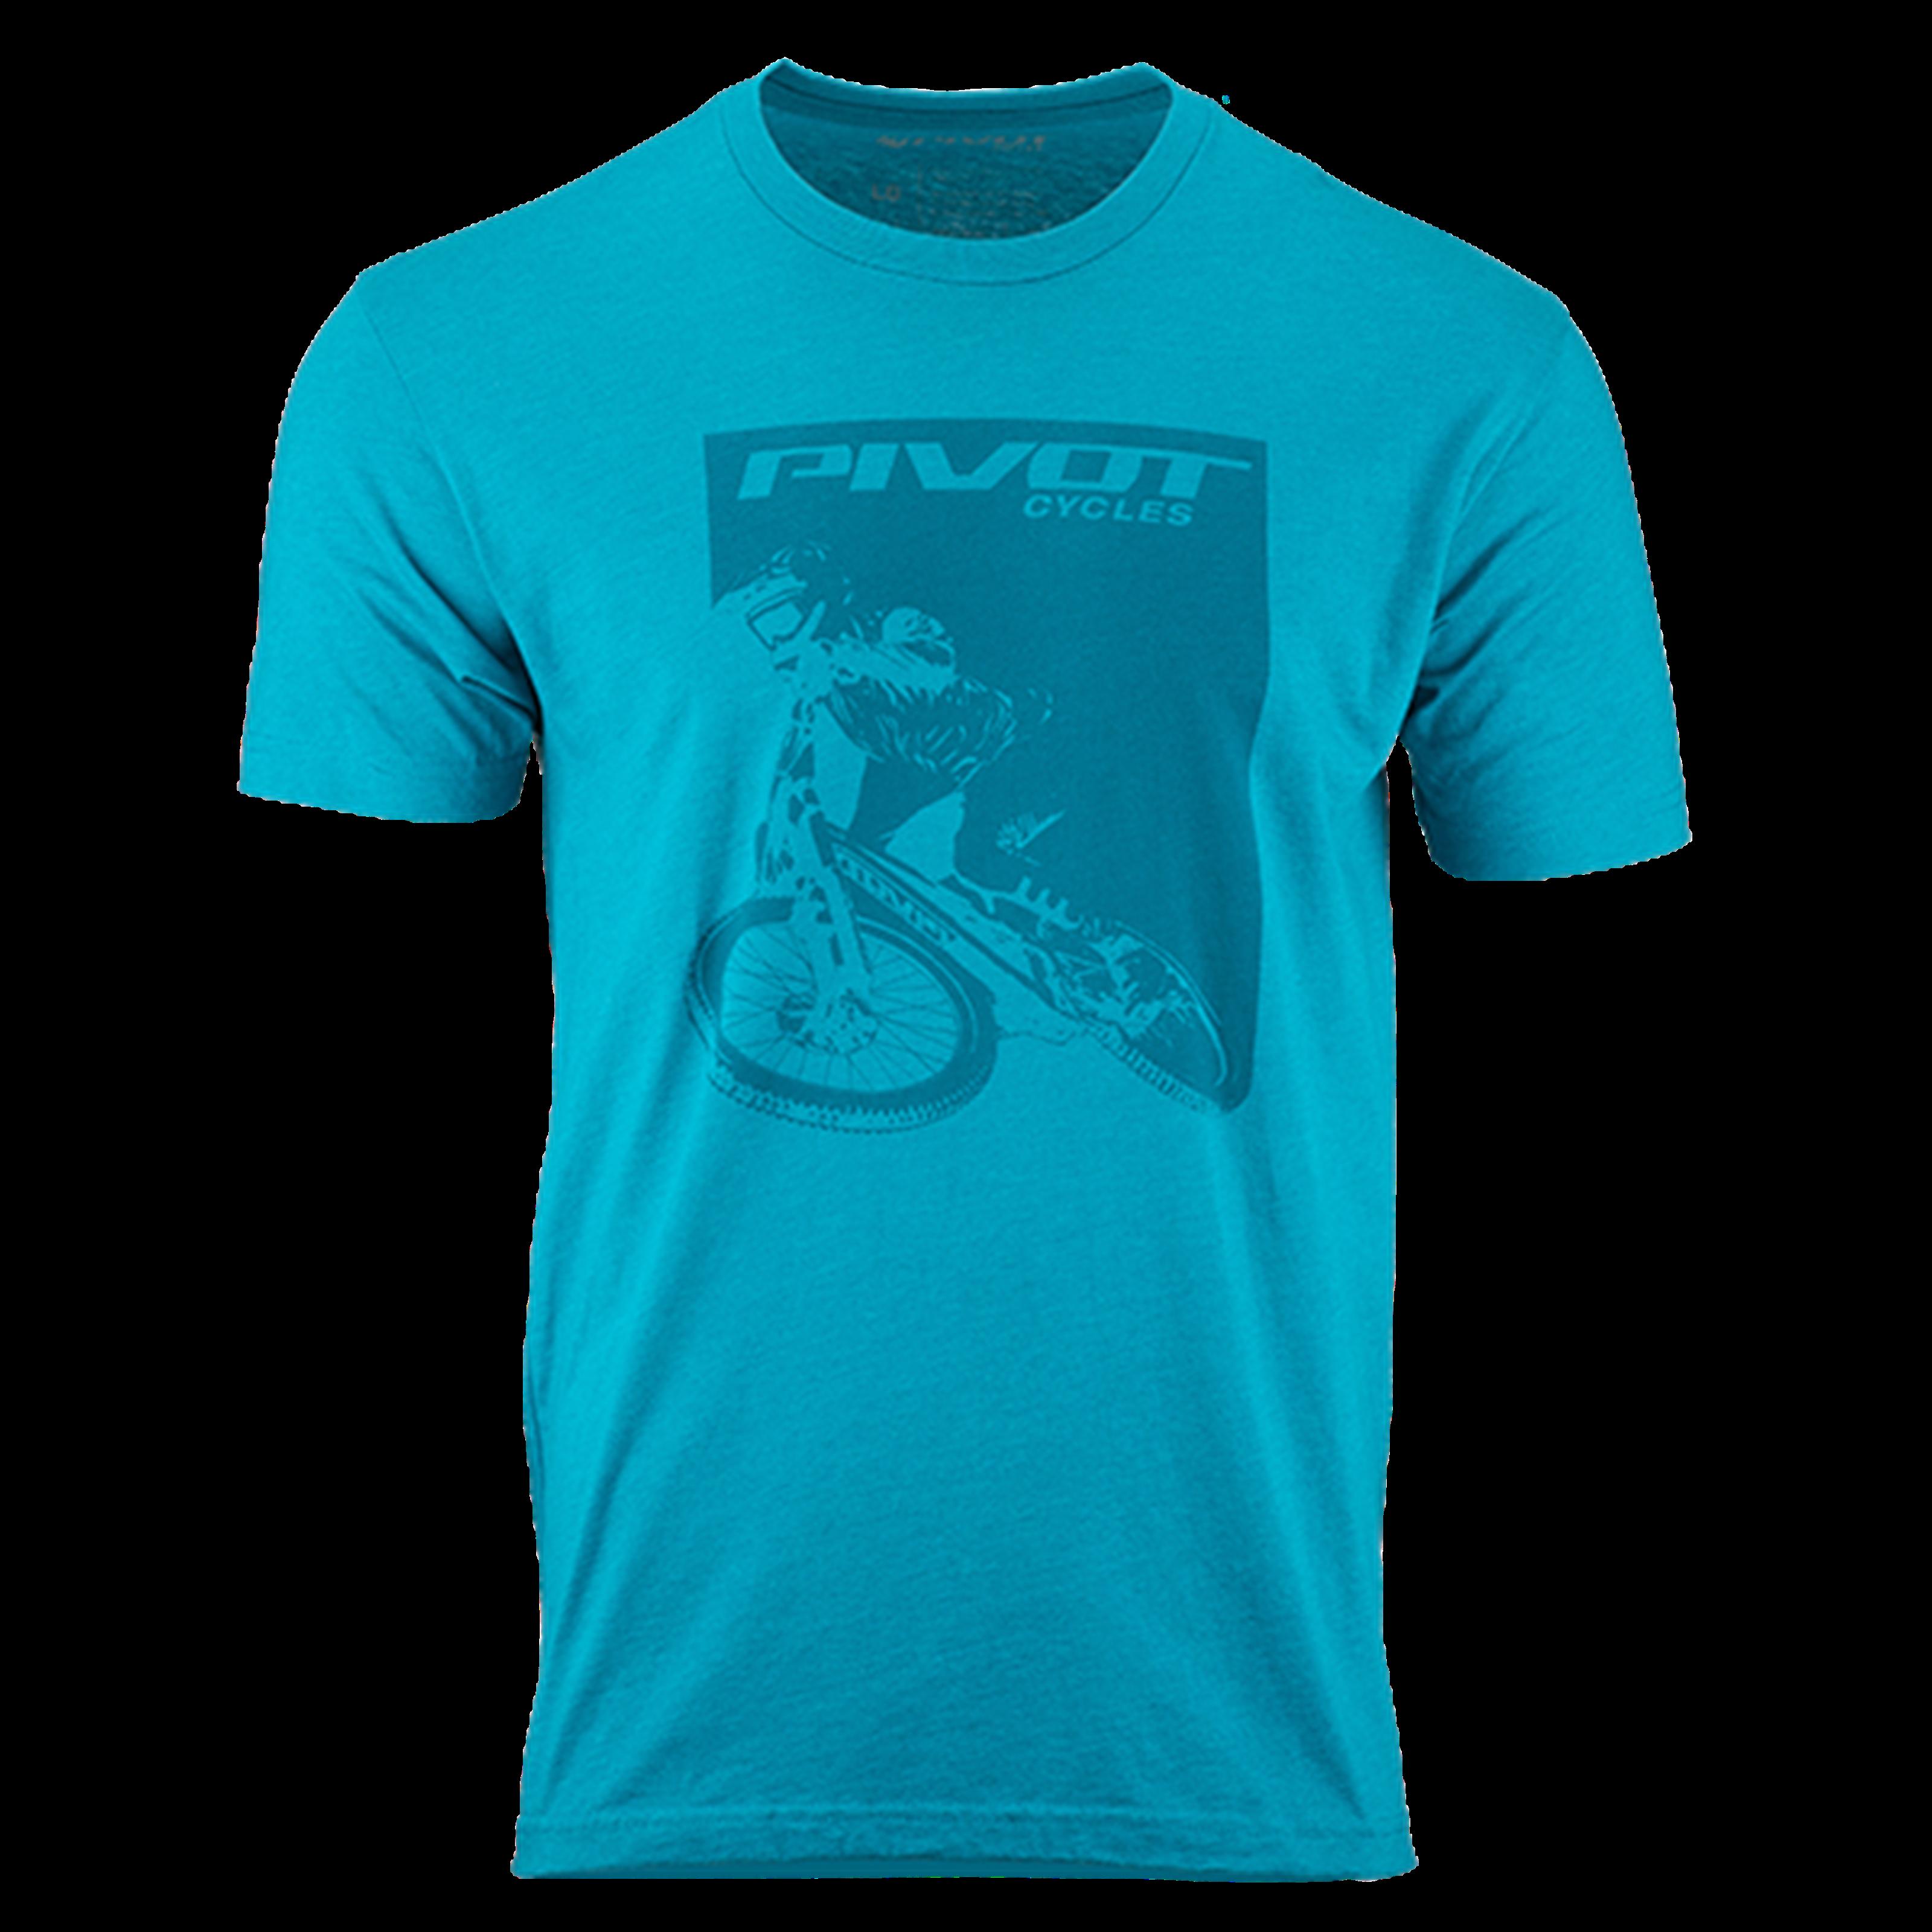 Pivot Rider Men's Tee - Teal